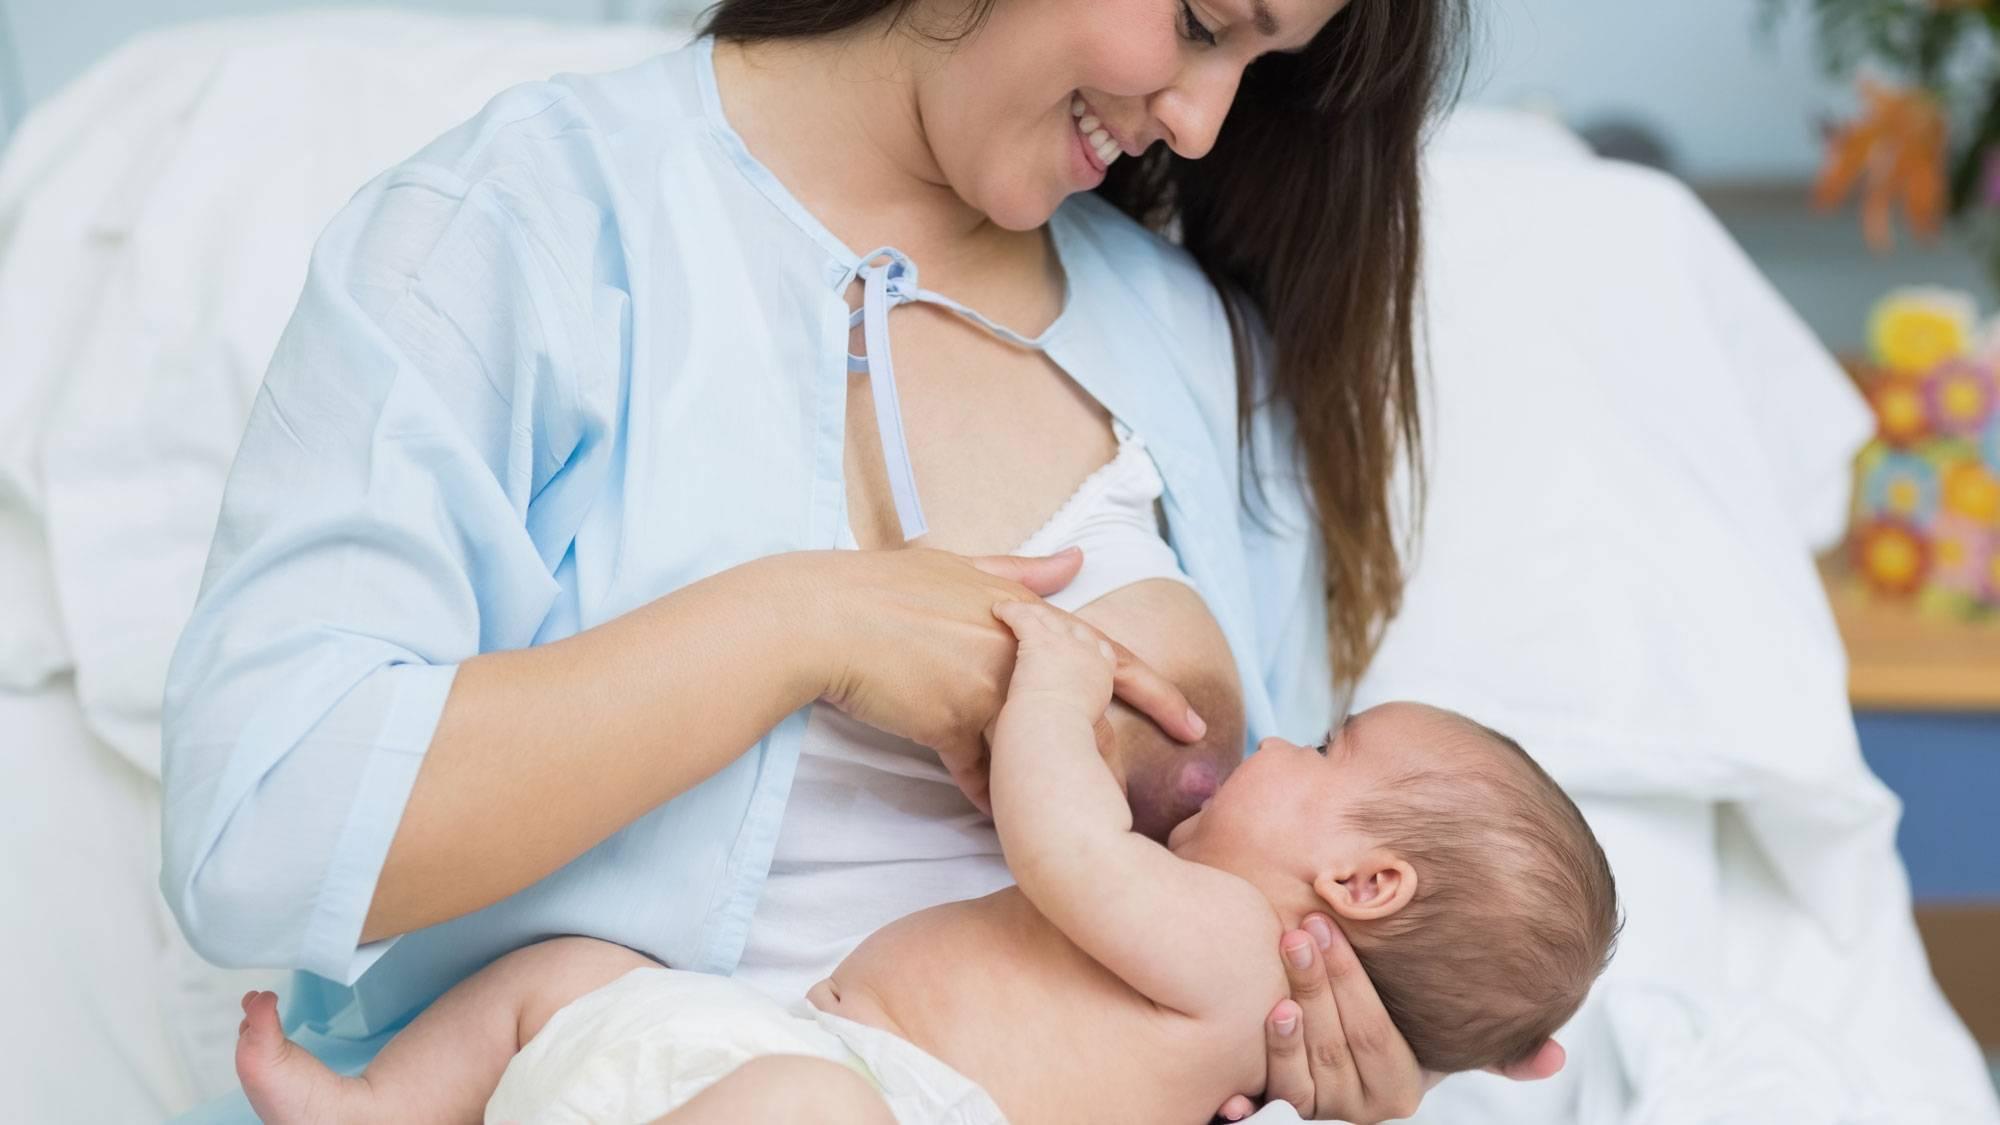 Как подготовить грудь к кормлению: как мыть, упражнения